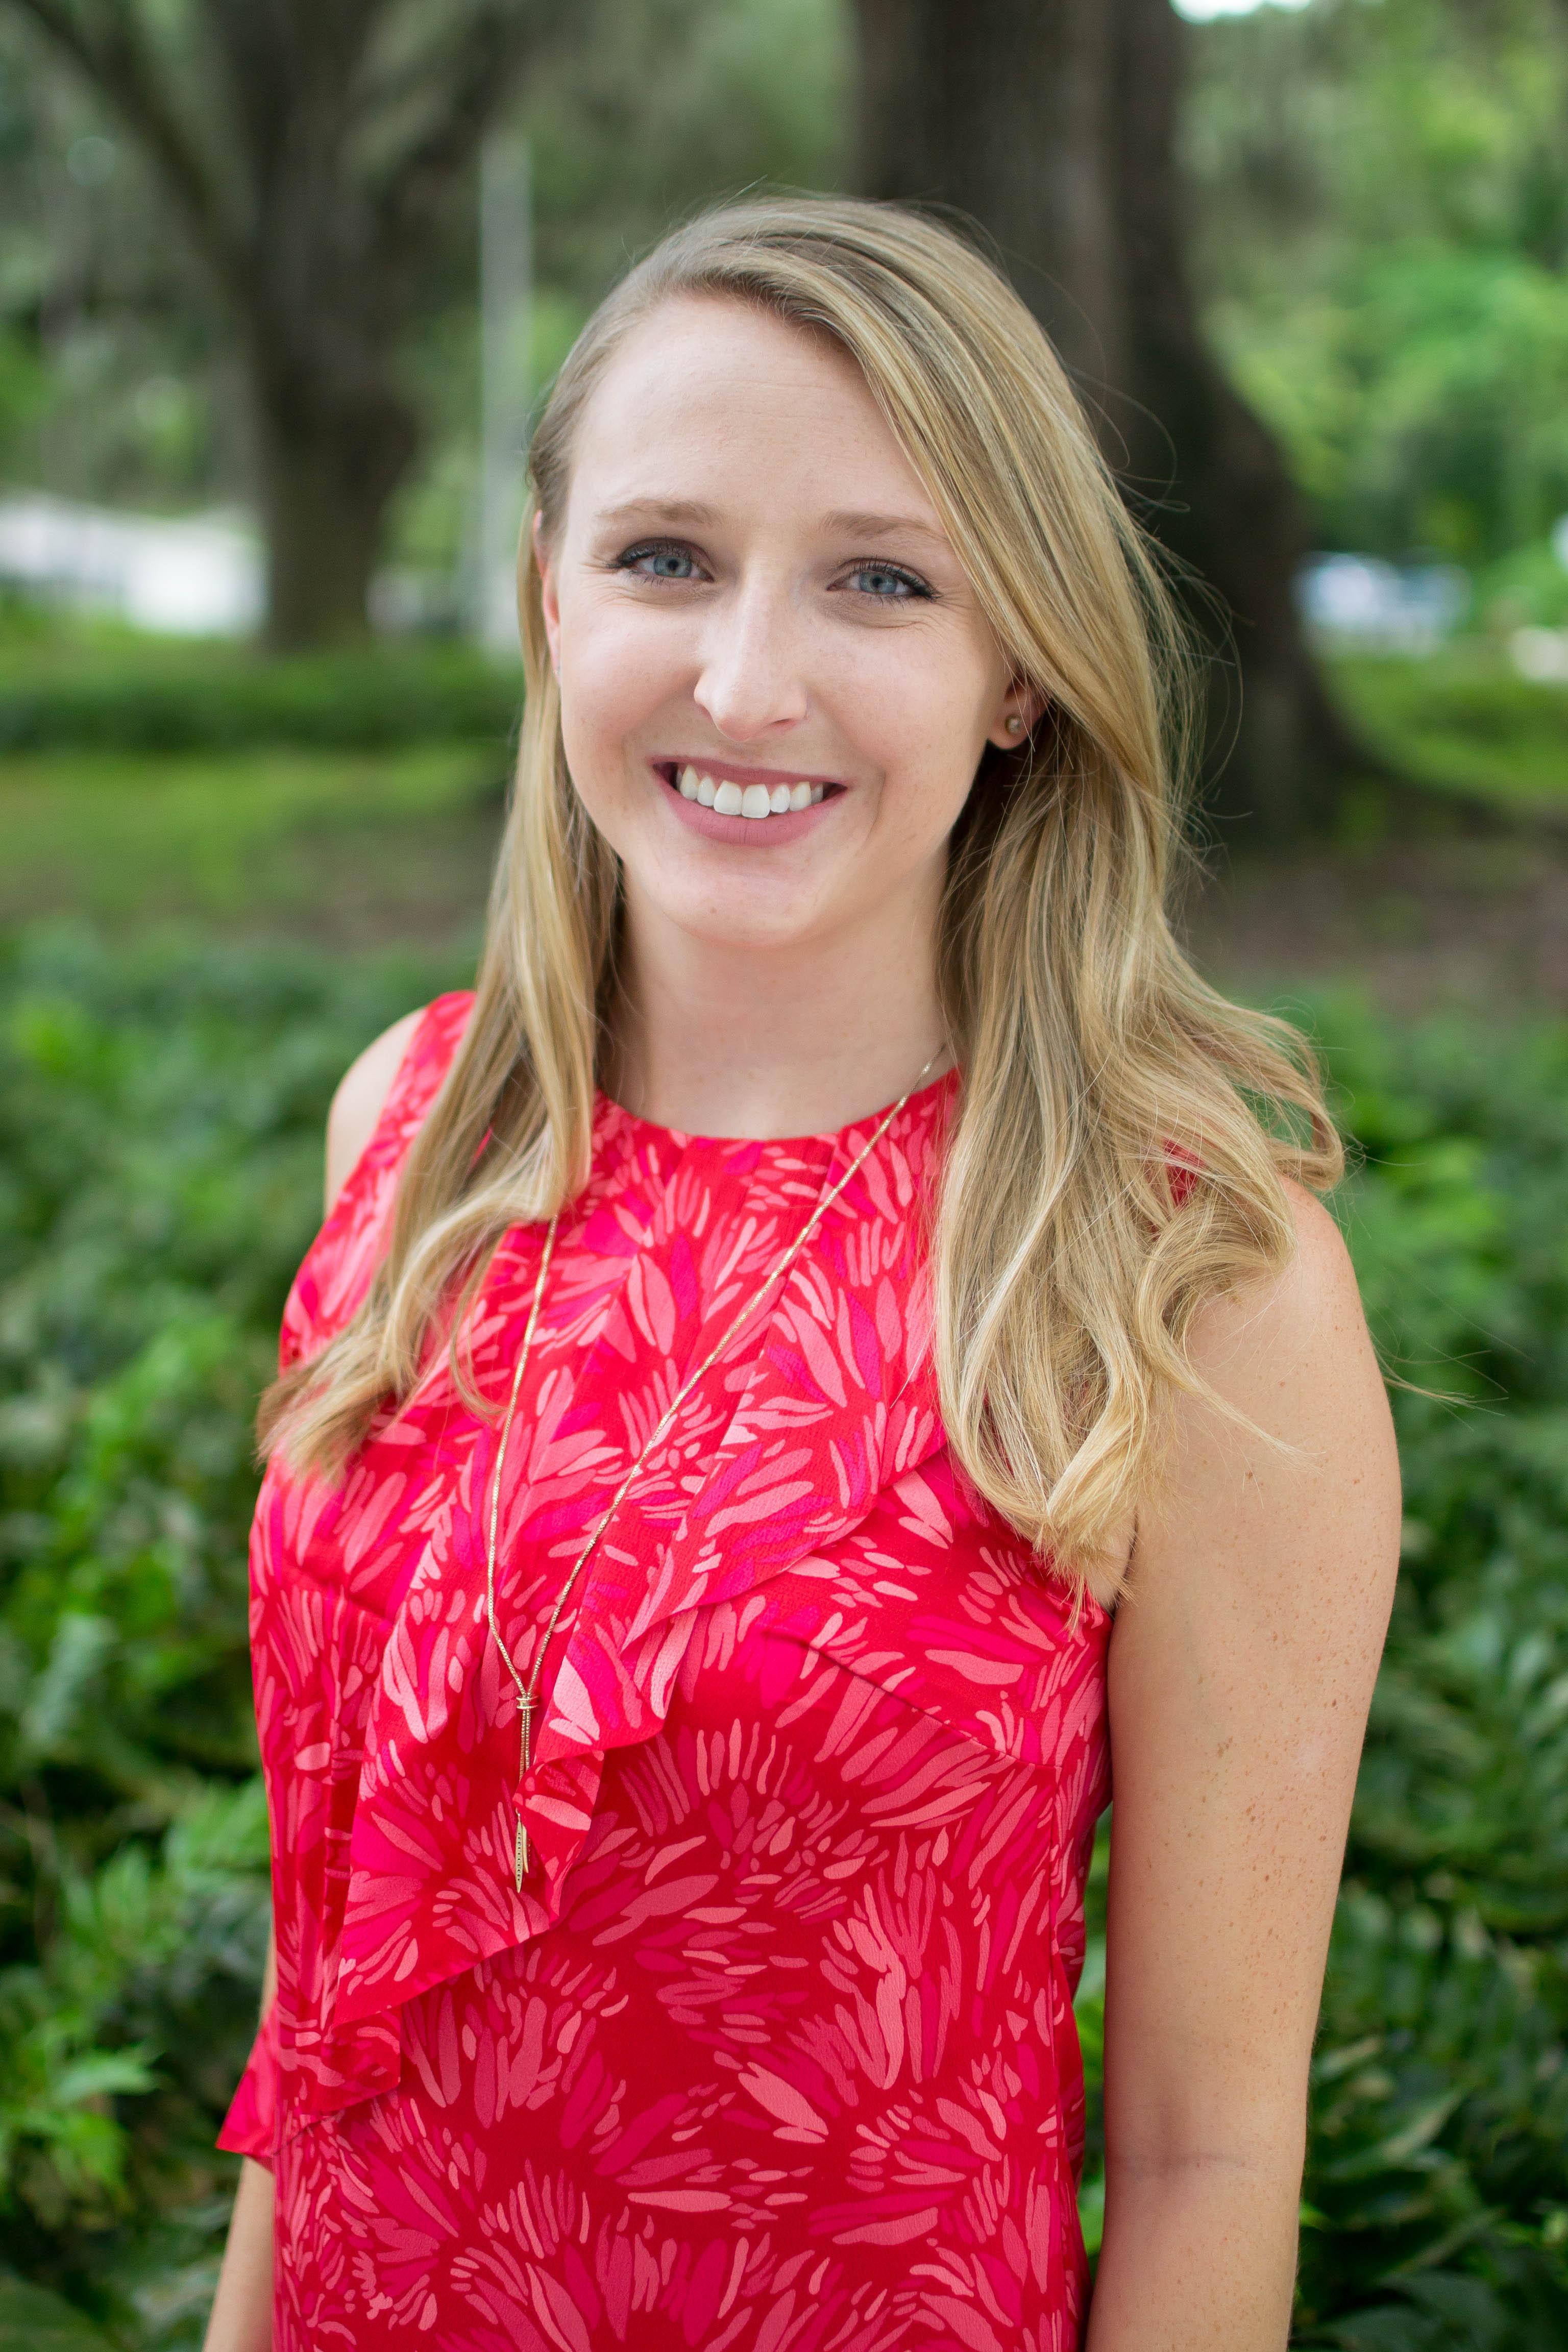 Allison Wrieden